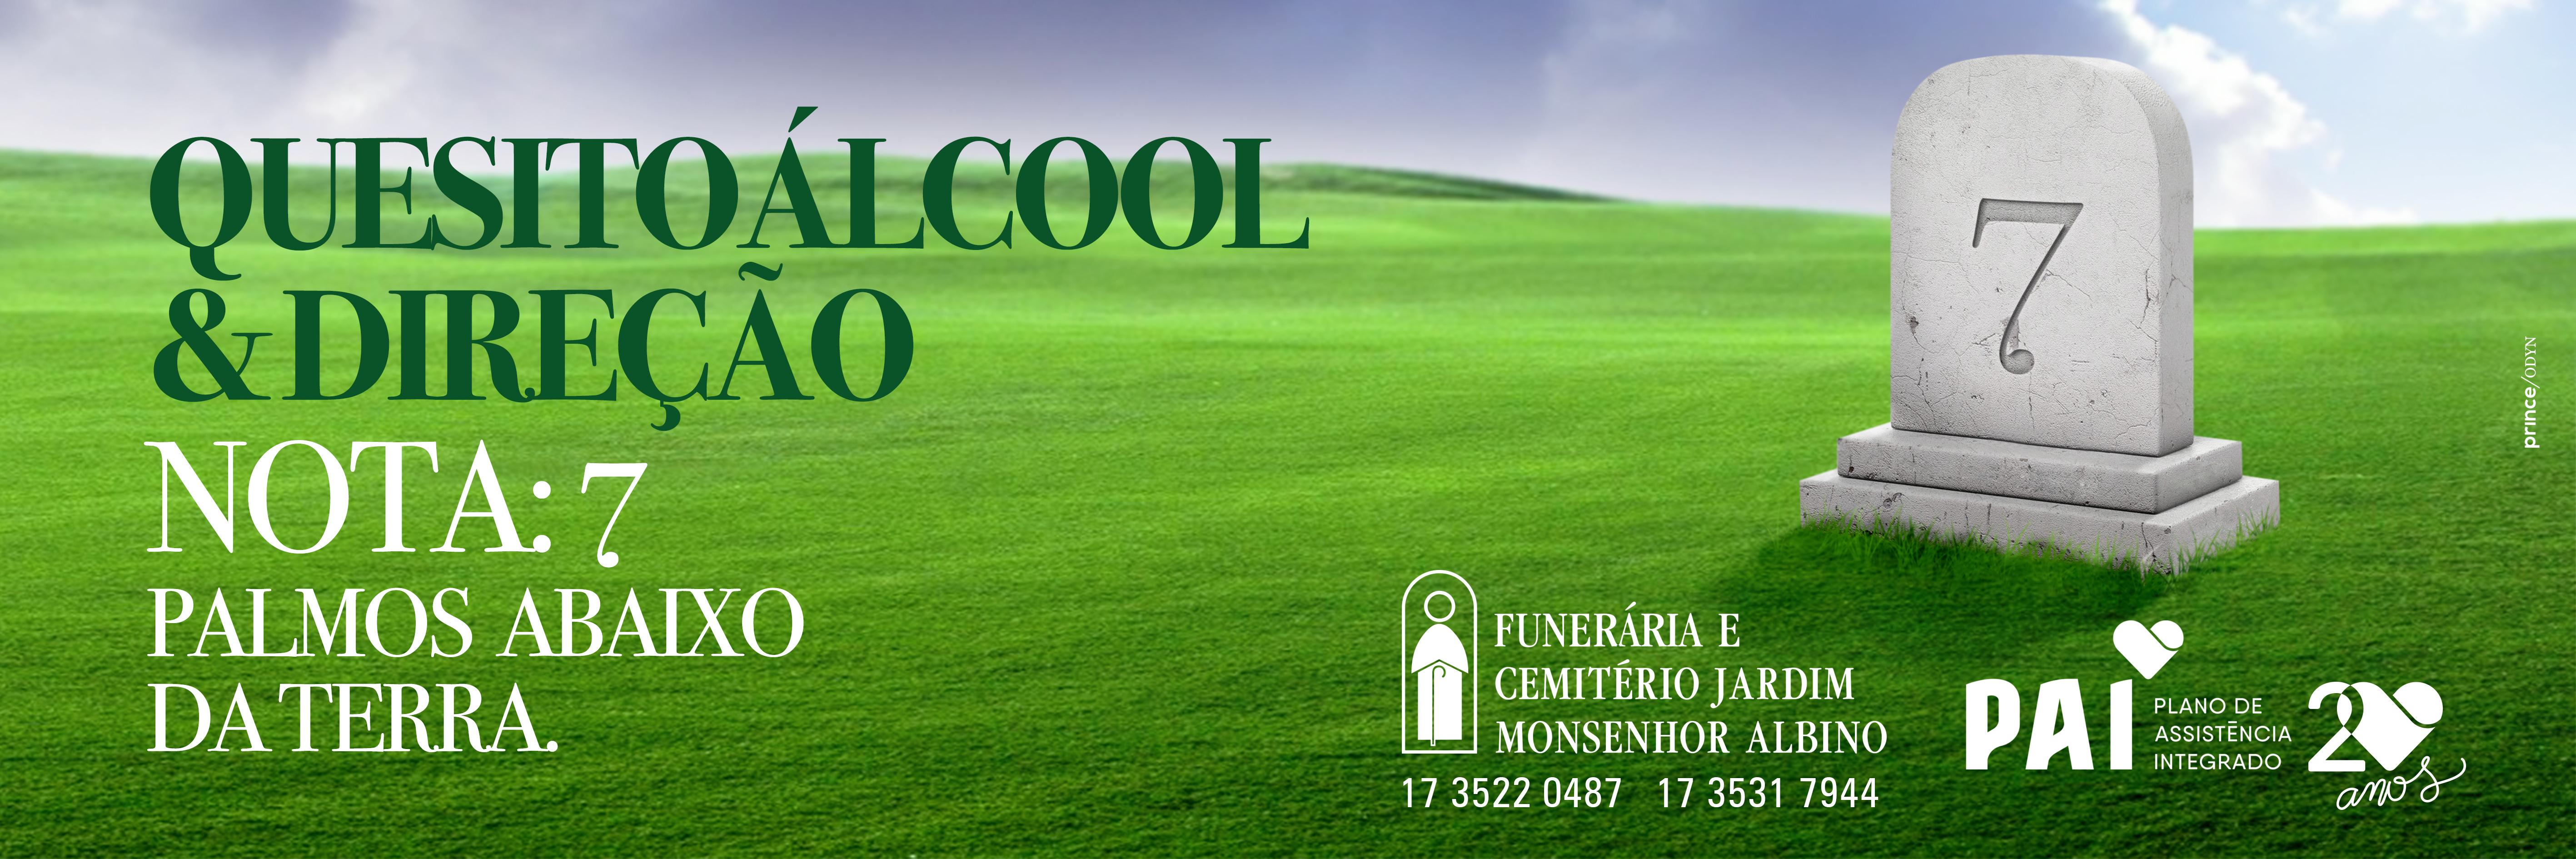 PAI_Cemitério_Jardim_-_OutdoorCarnaval__-_02-07